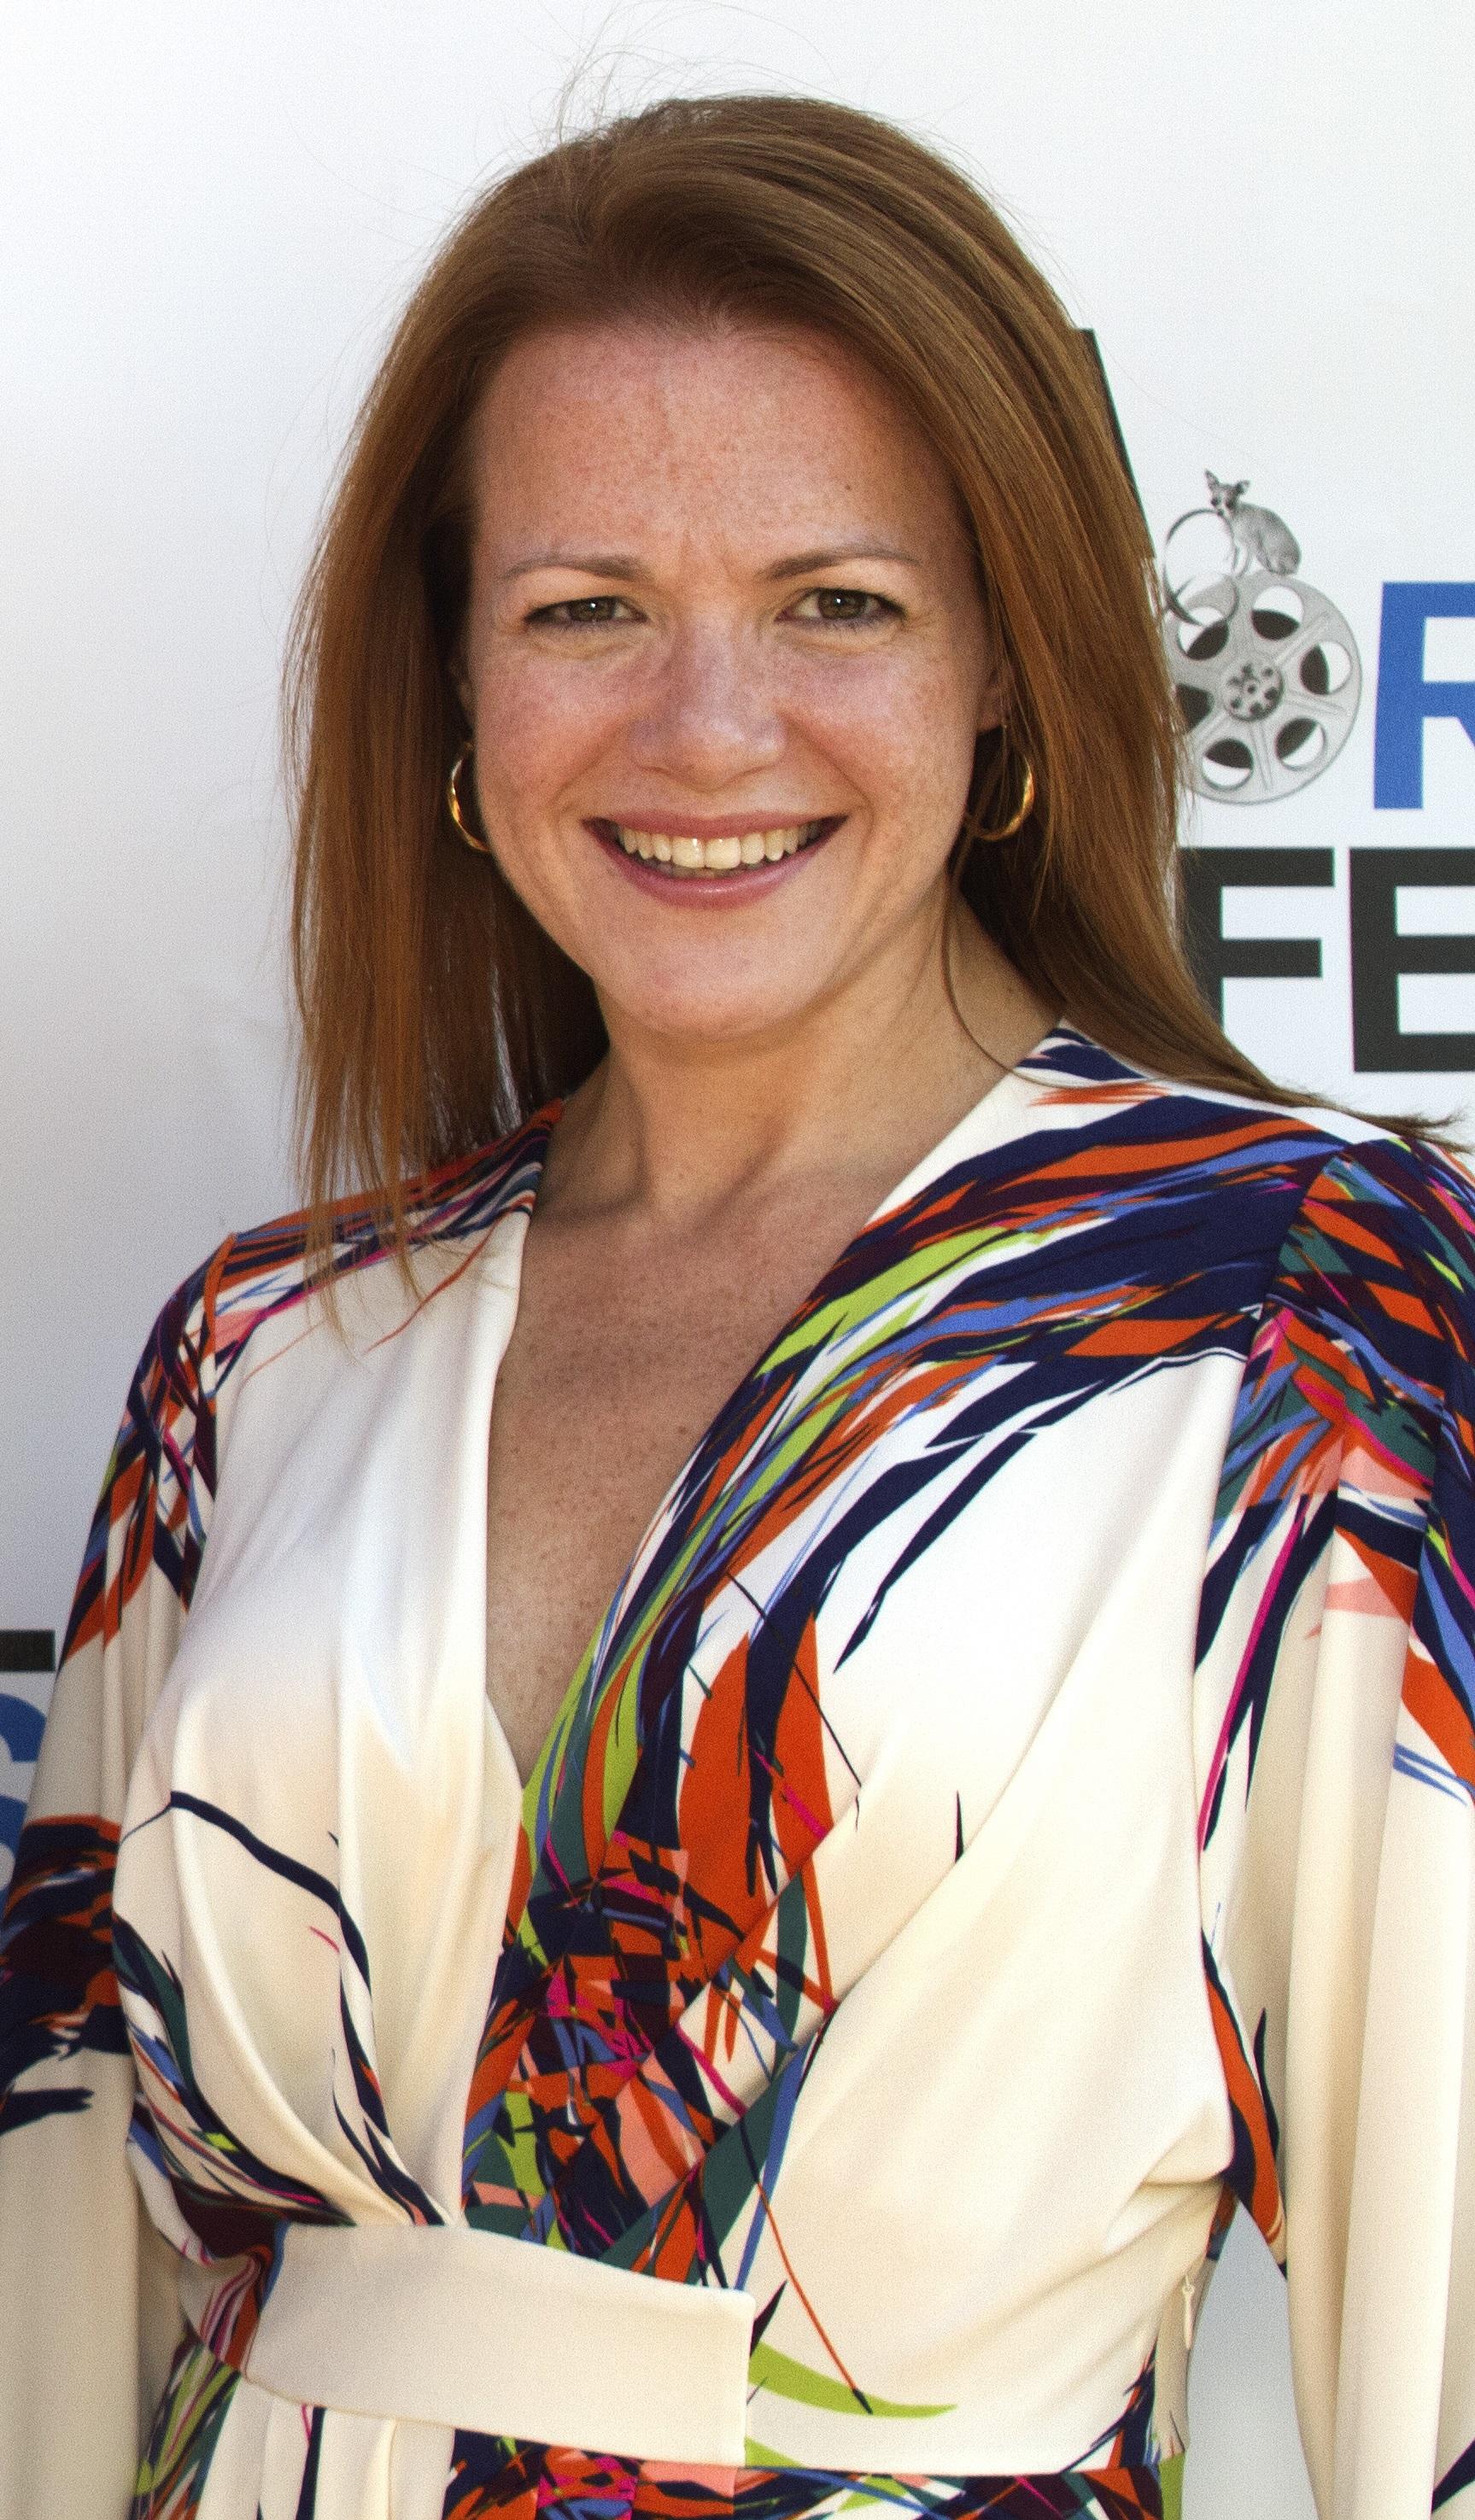 Christie Botelho, Producer - Executive Producer